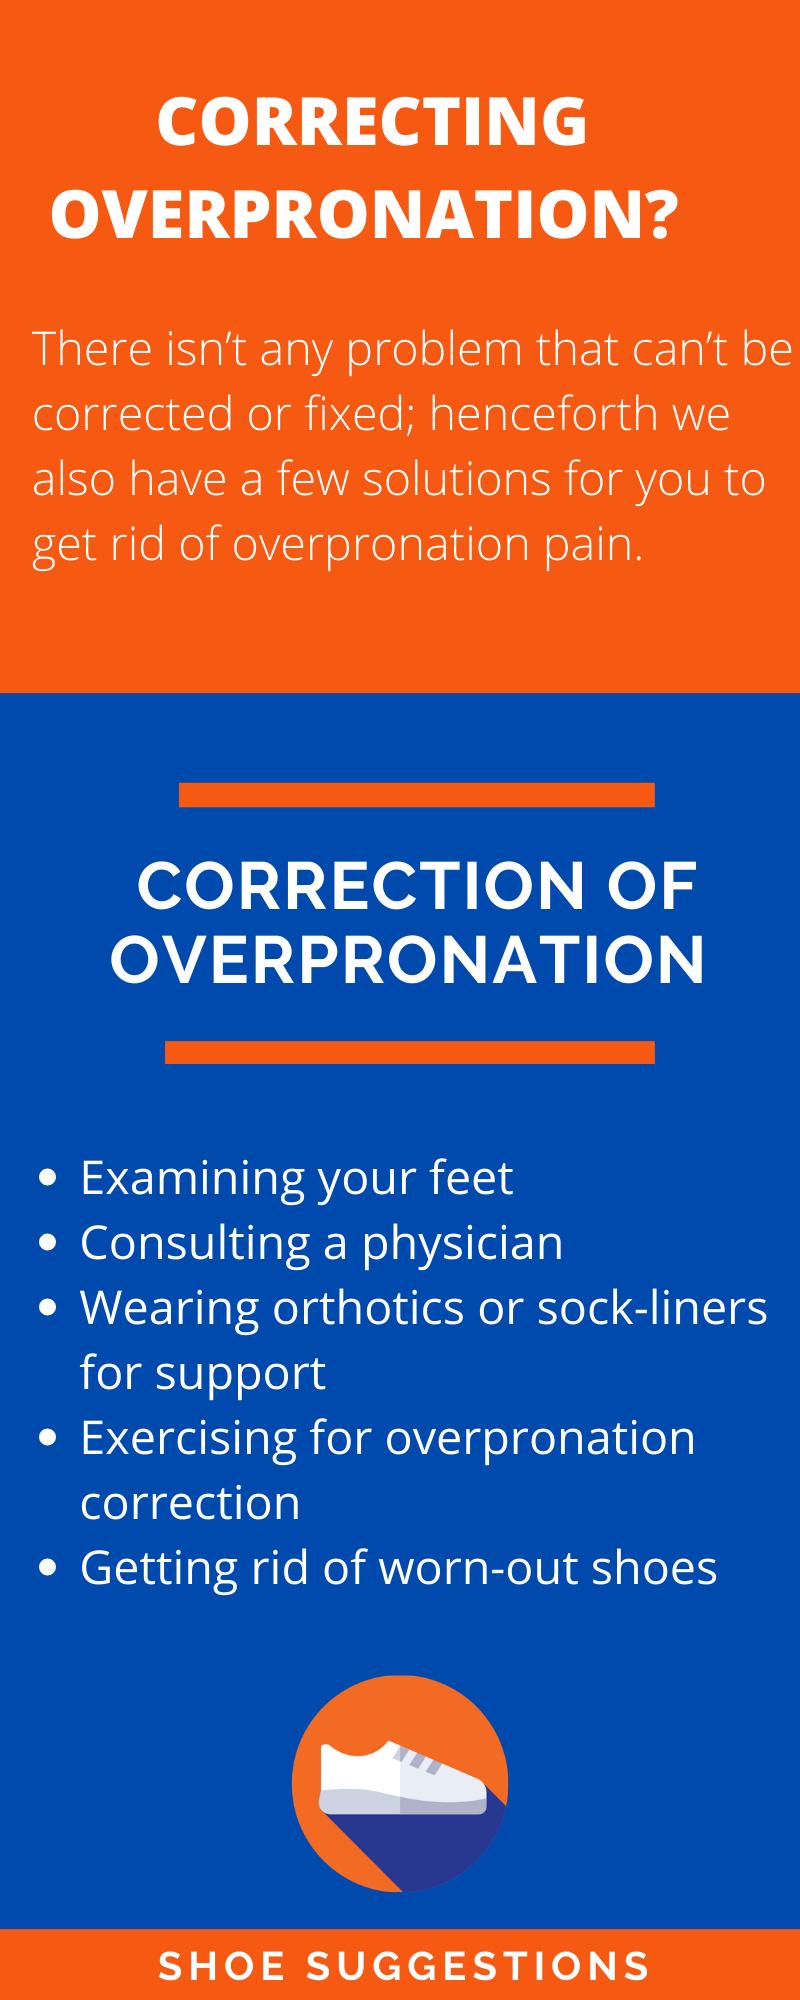 Correcting overpronation